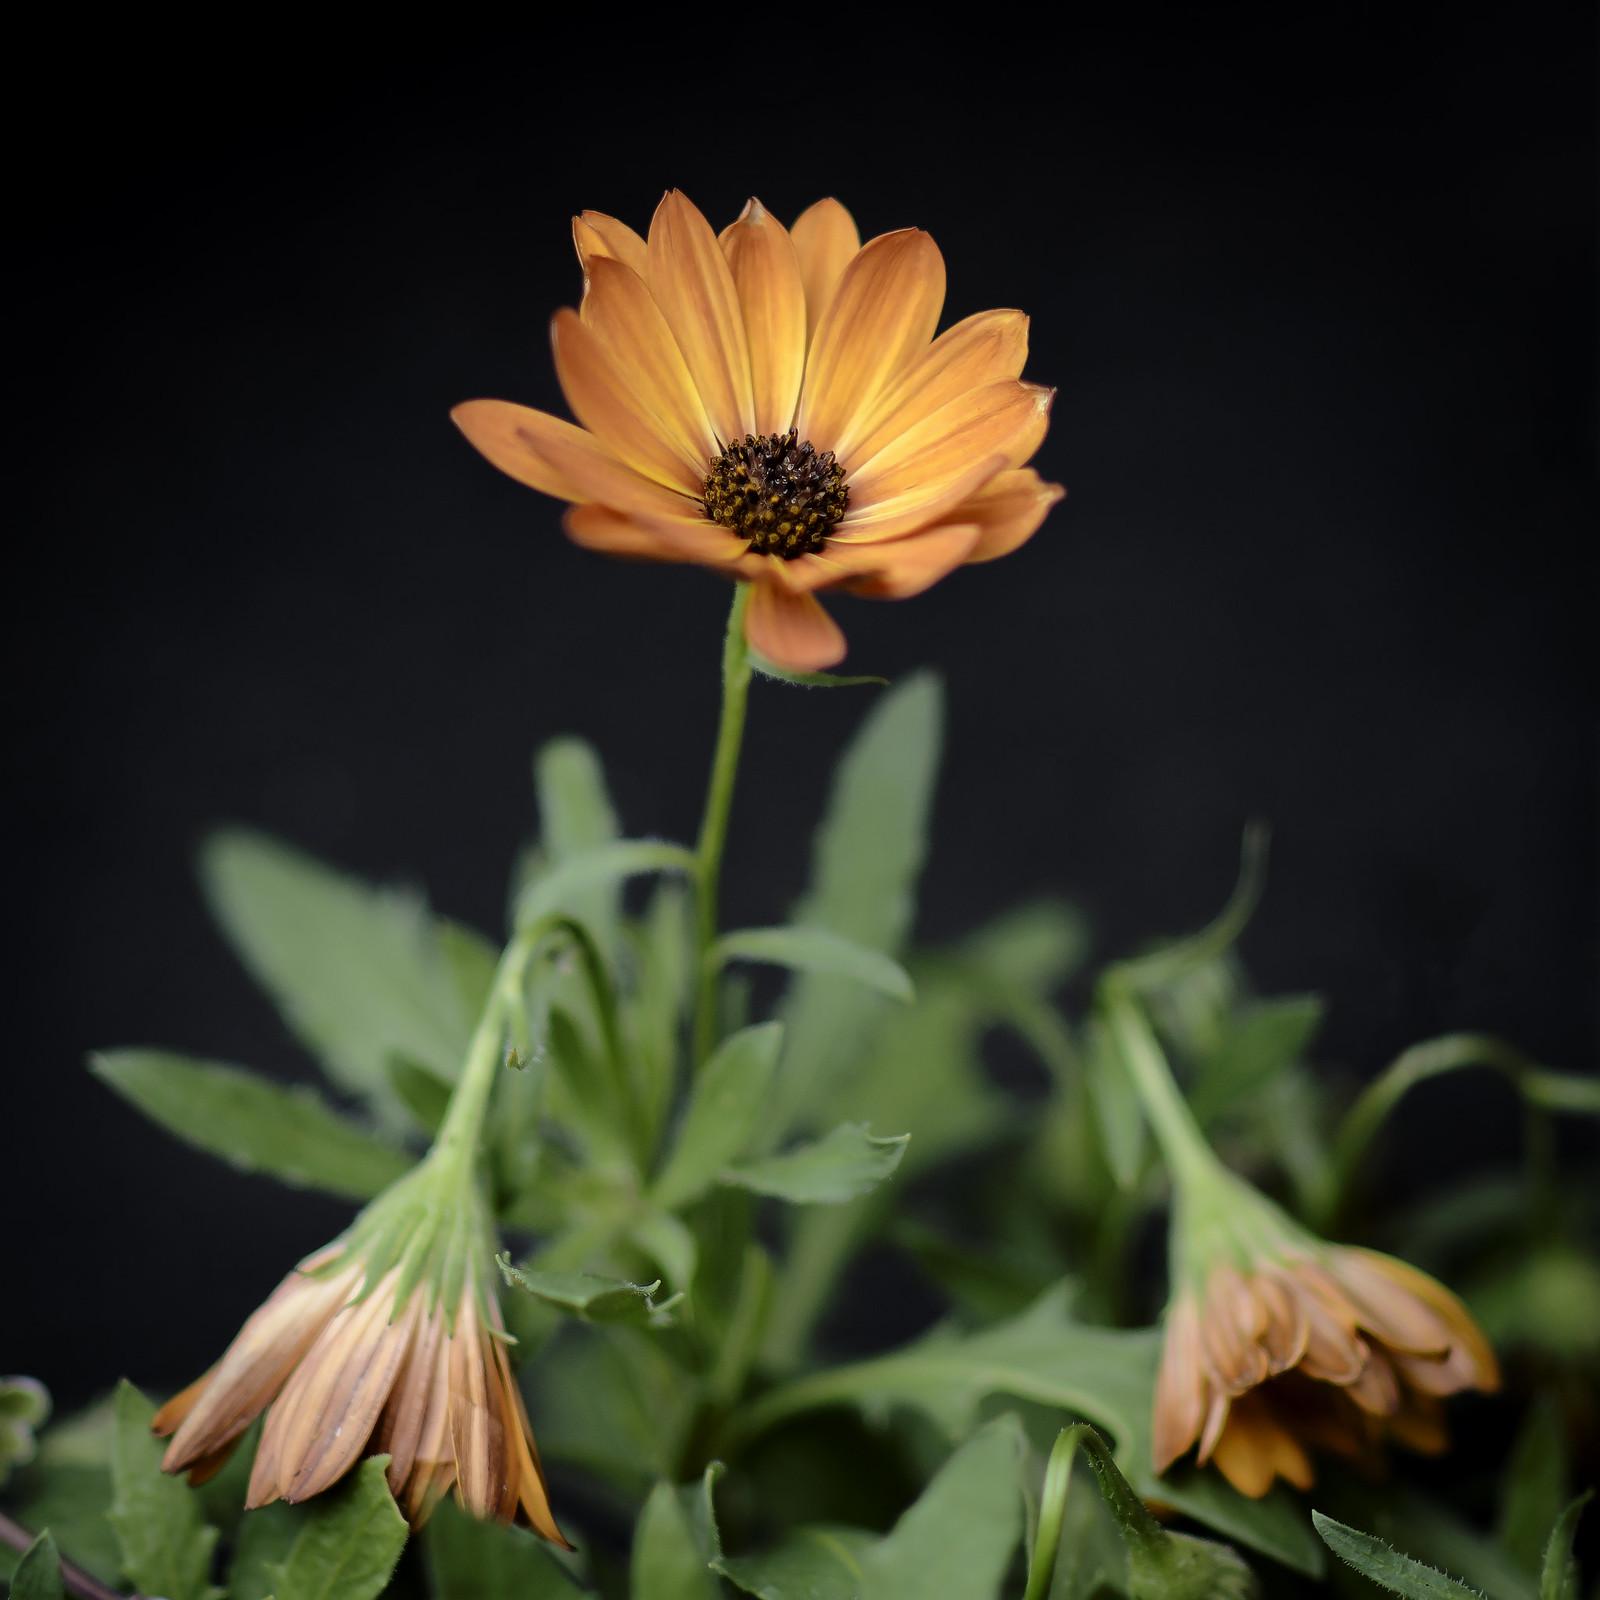 Opdracht 4 Bloemen_planten Di 17-08-21_92932 kopiëren - Joop Wollendorf